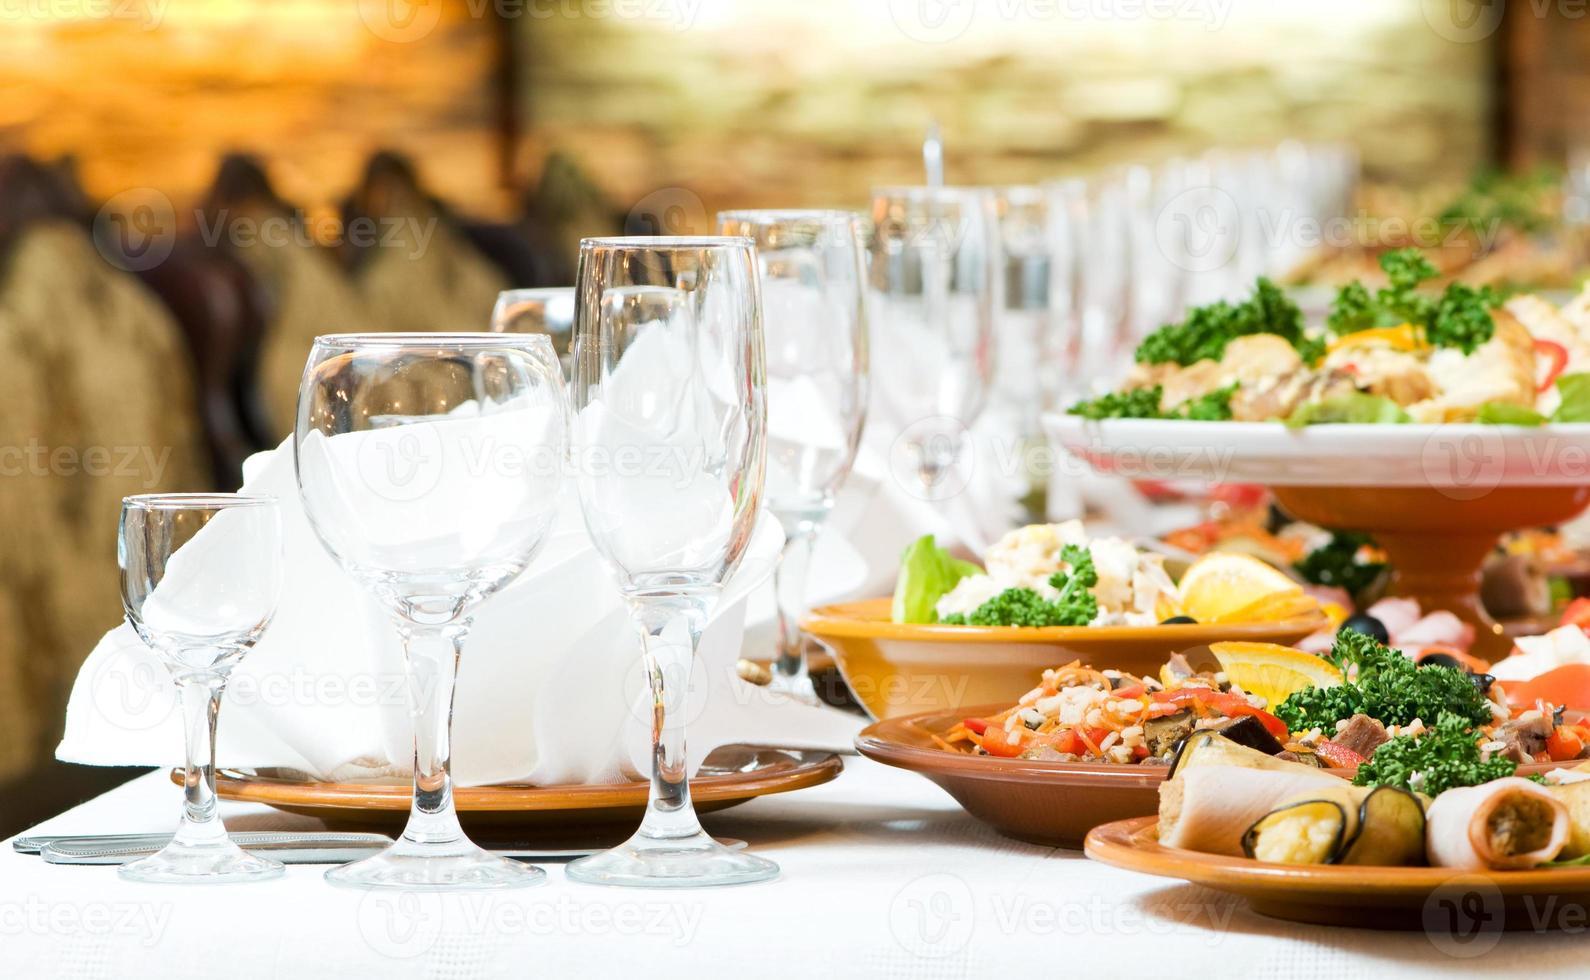 una mesa de comida de catering presentada para una fiesta foto